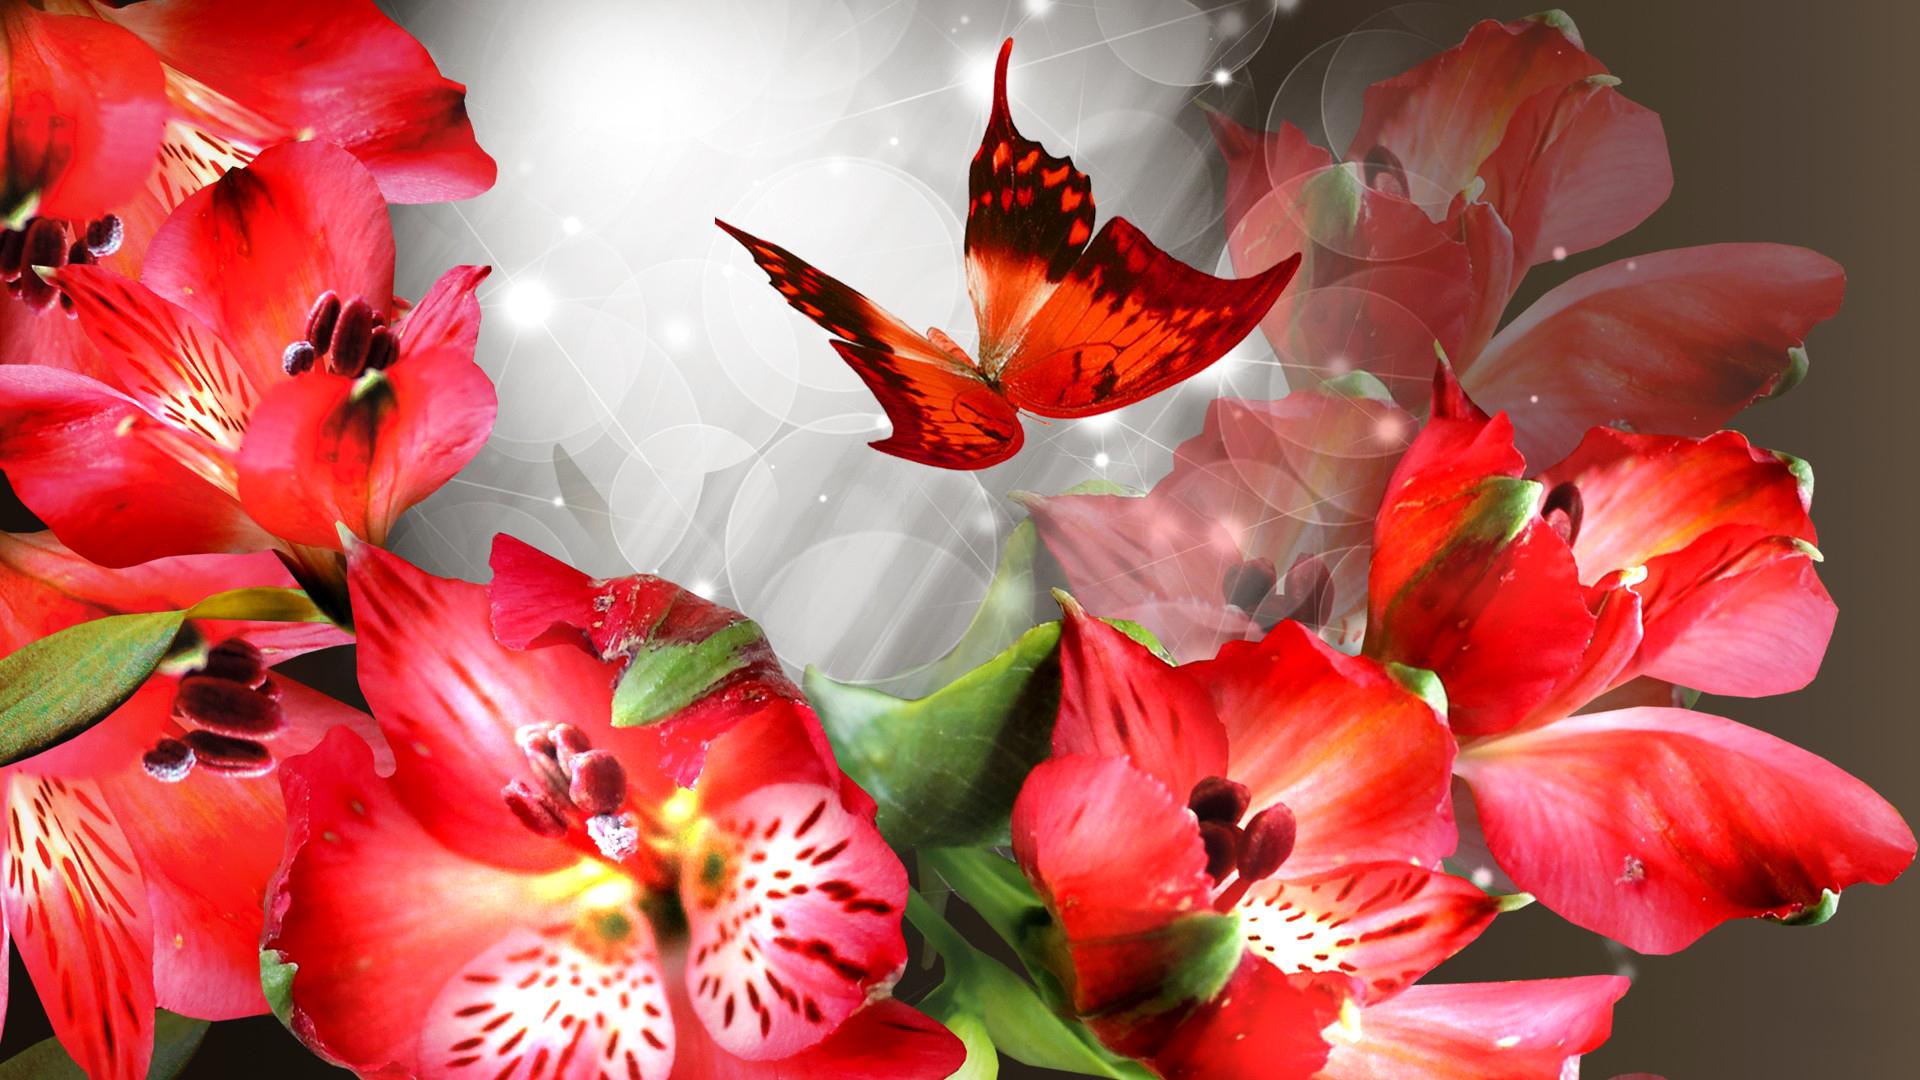 низу висячих фота калаж на рабочий сто цветы для